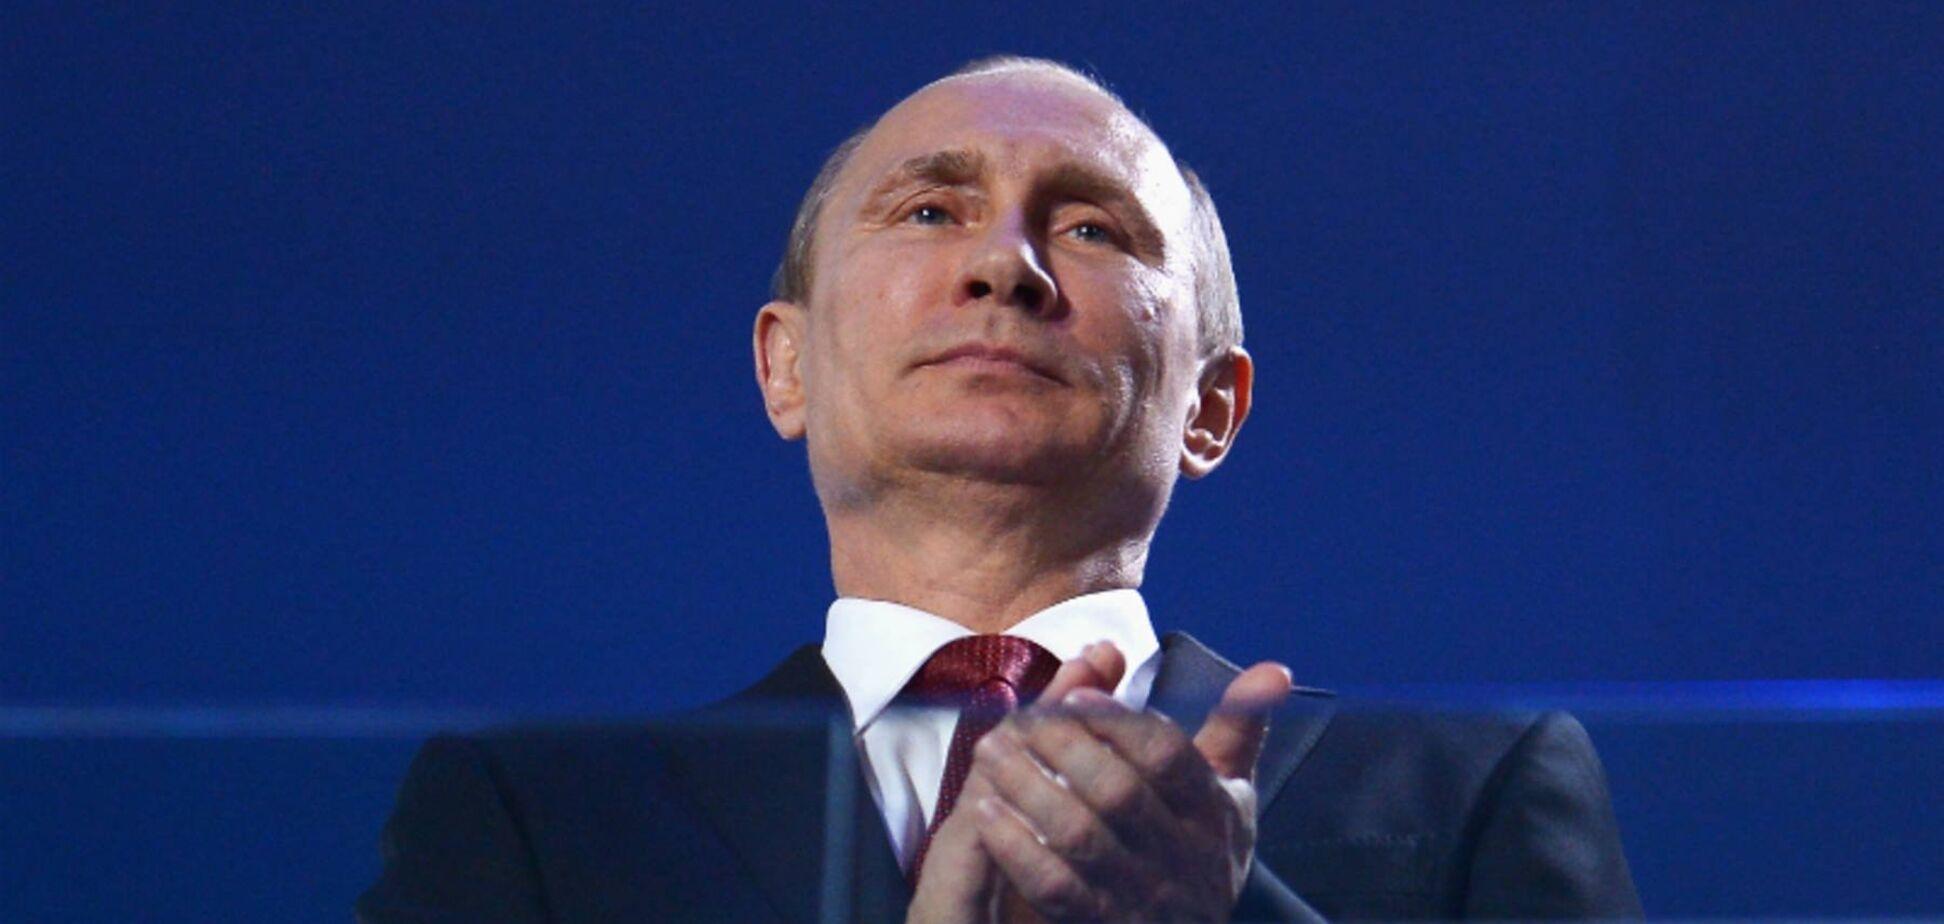 Режиму Путіна пророкують удушення